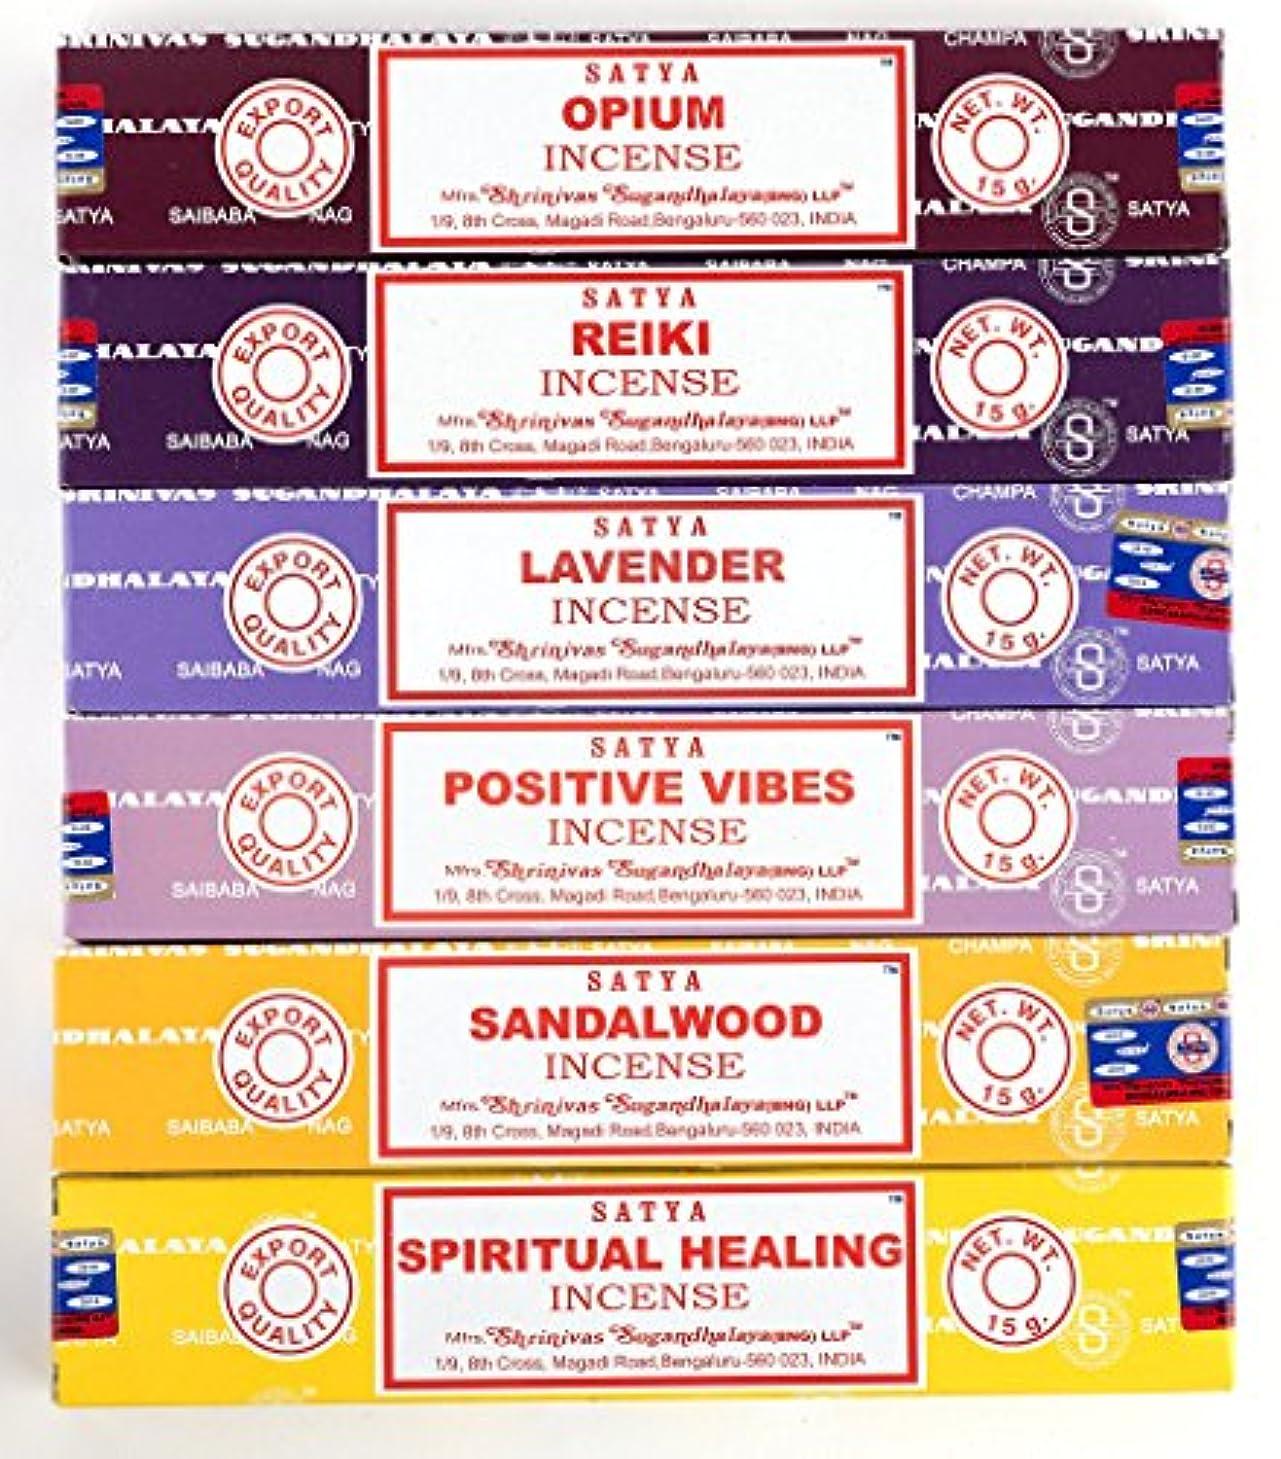 大通り摩擦自治的Nag Champa 6 Piece Variety Pack – Opium、レイキ、ラベンダー、Positive Vibes、サンダルウッド、Spiritual Healing